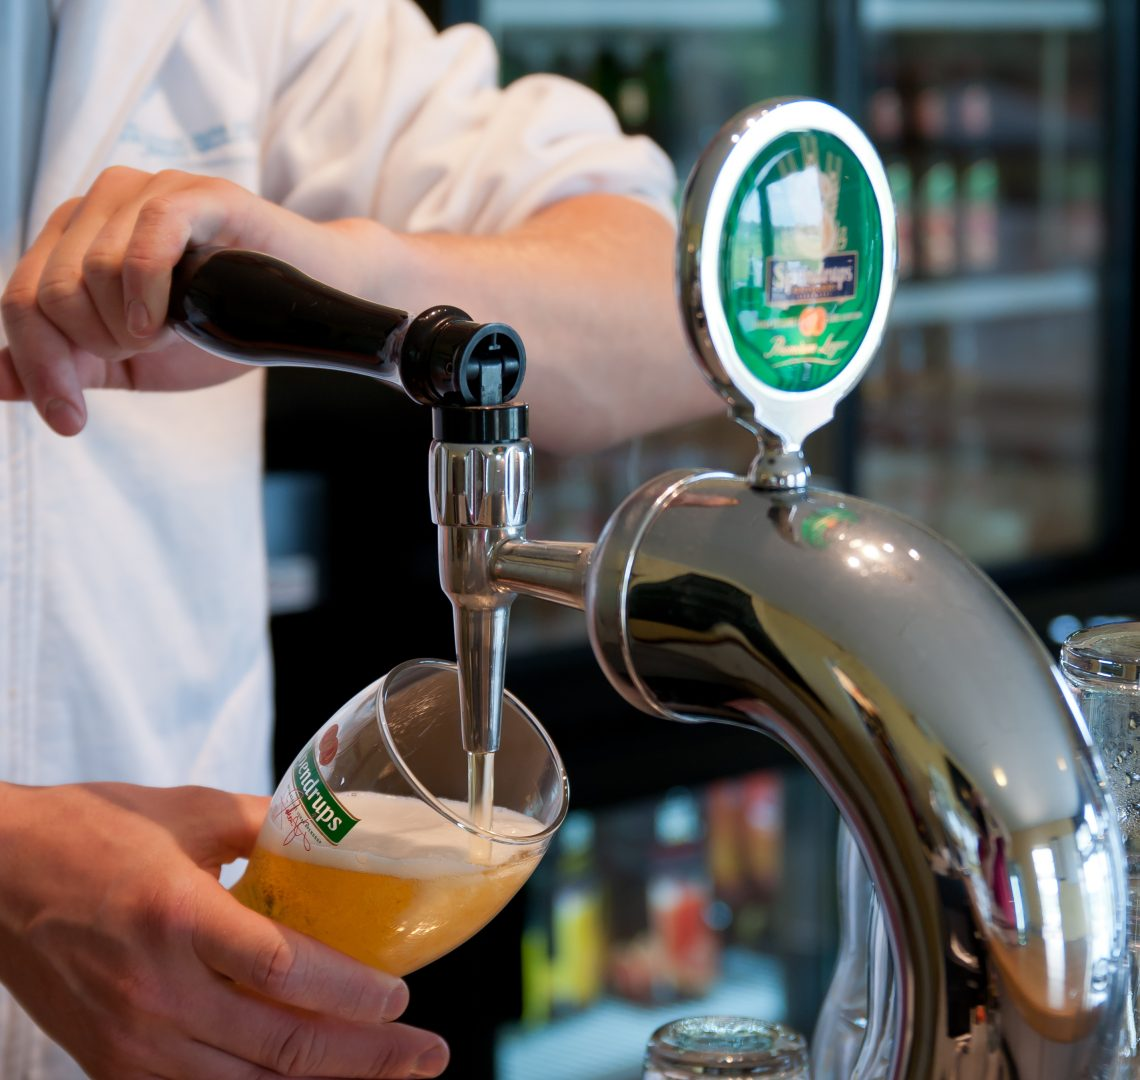 En öl efter padelturneringen